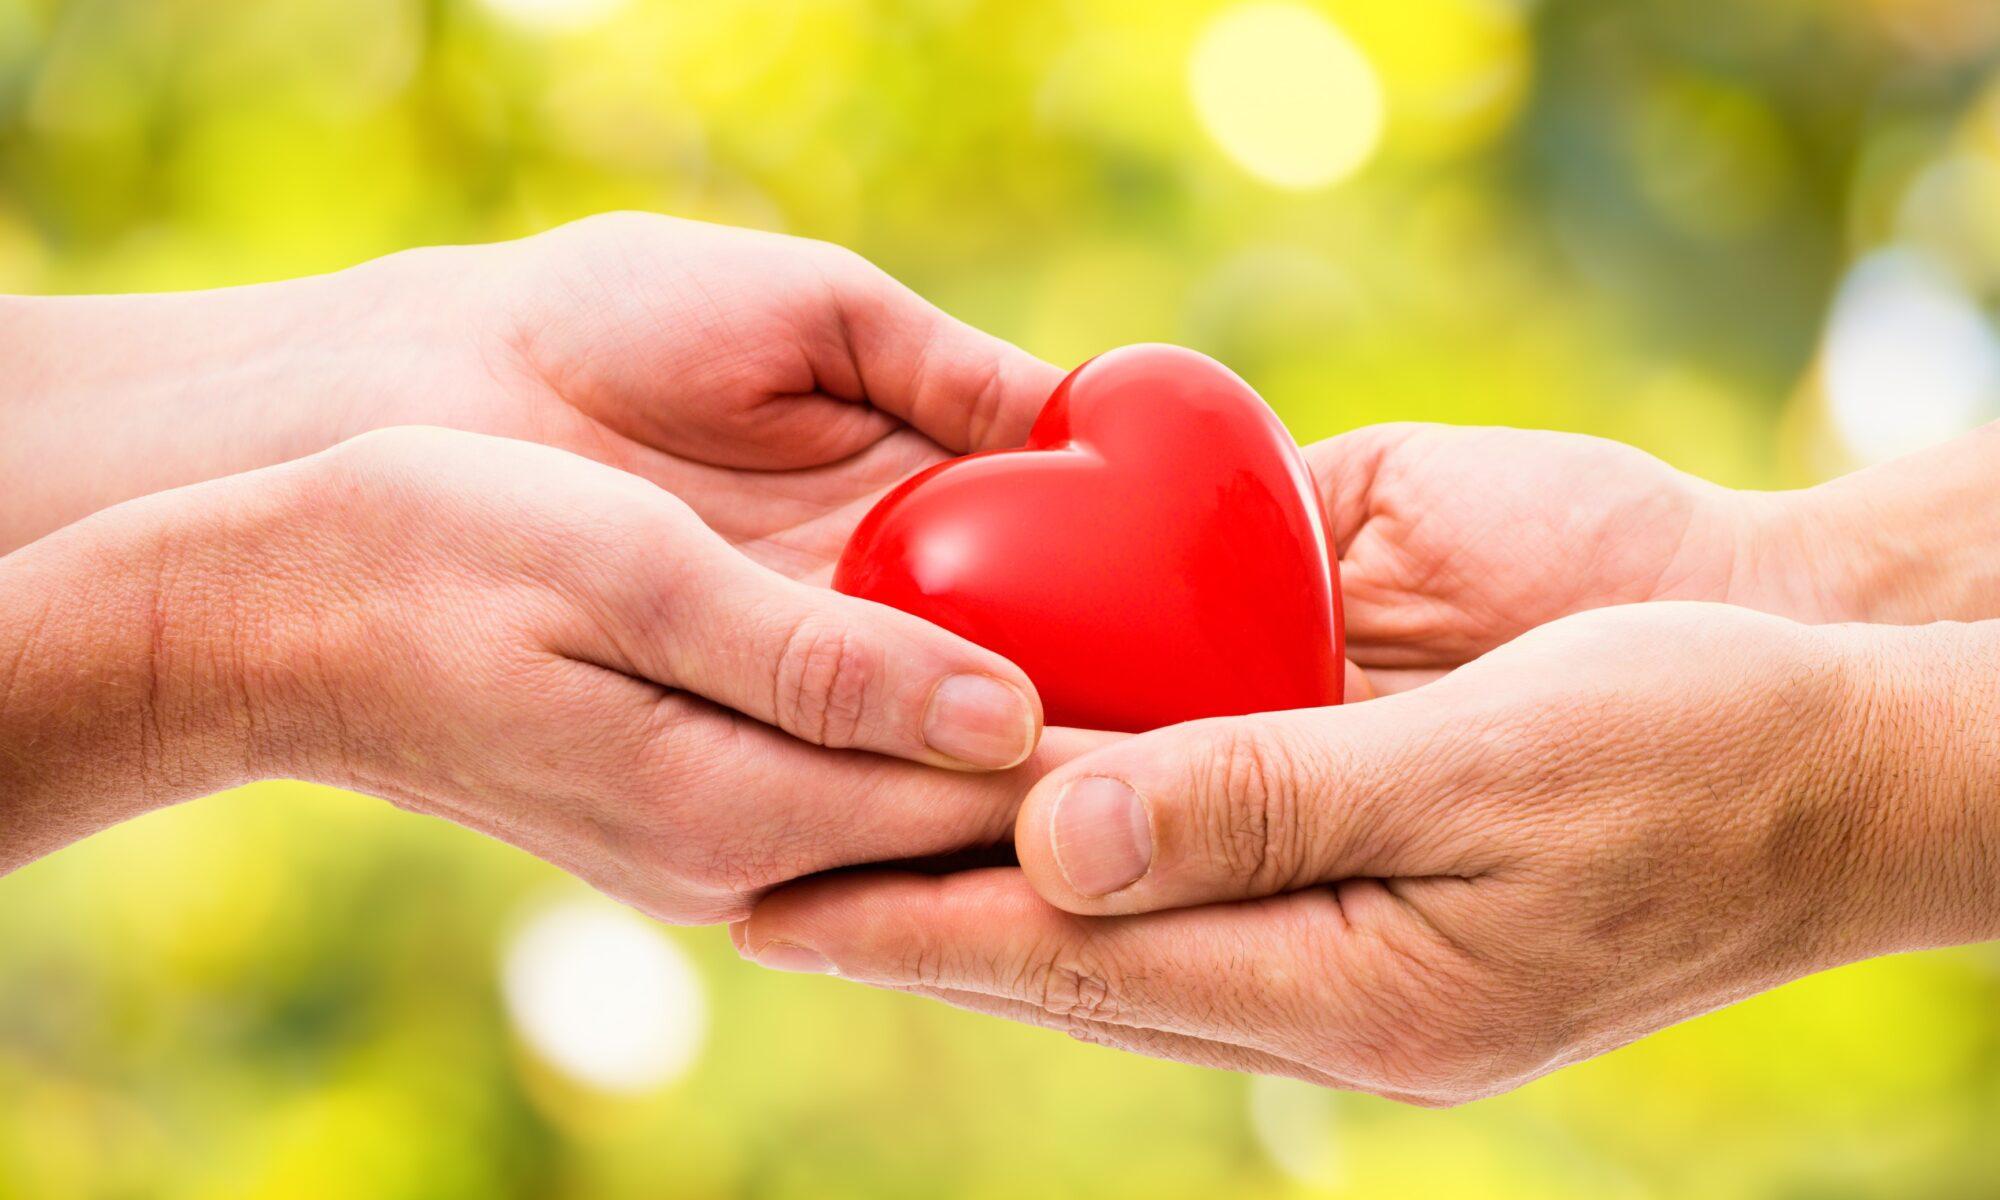 Vier Hände halten ein rotes Herz